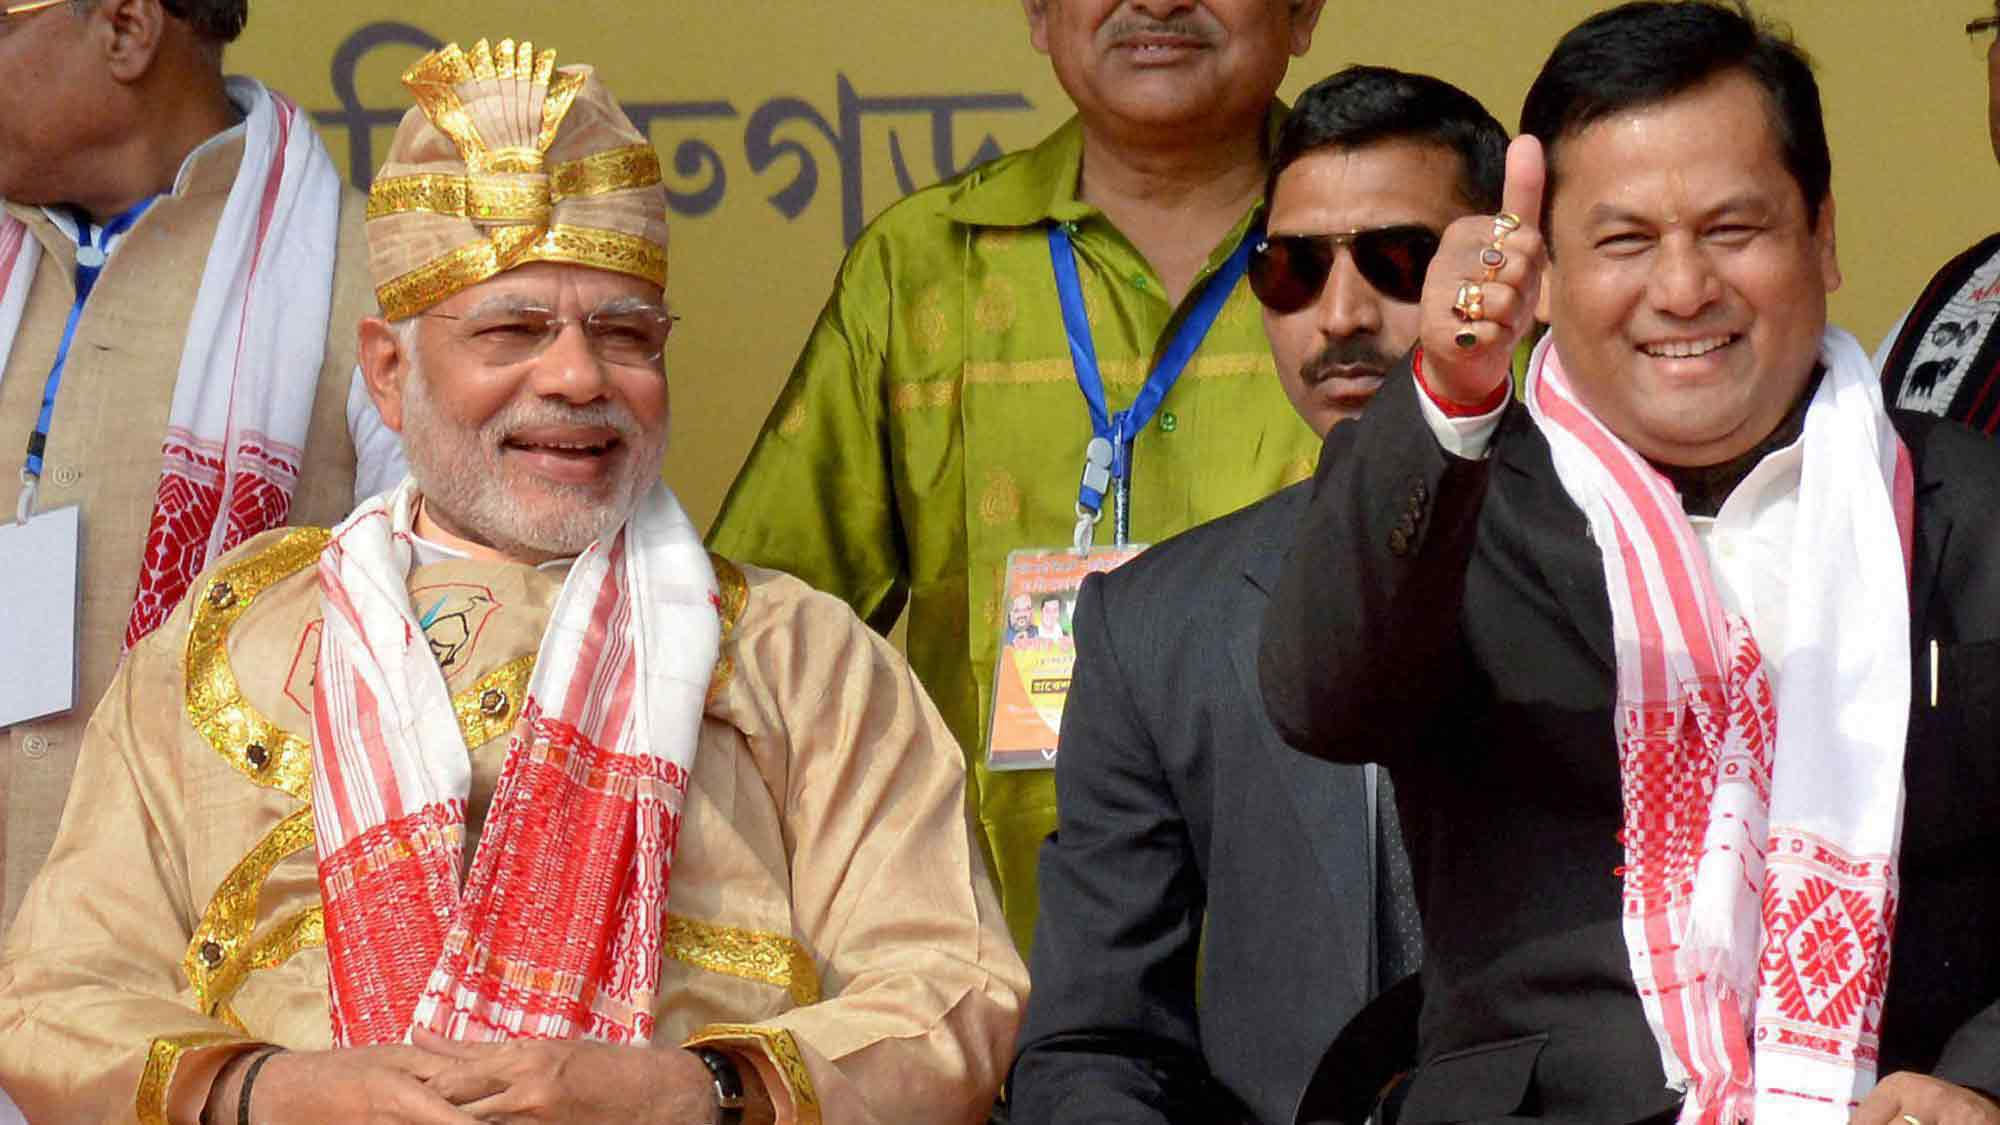 وزیر اعظم نریندر مودی کے ساتھ آسام کے وزیر اعلیٰ سربانند سونووال۔ (فائل فوٹو: پی ٹی آئی)